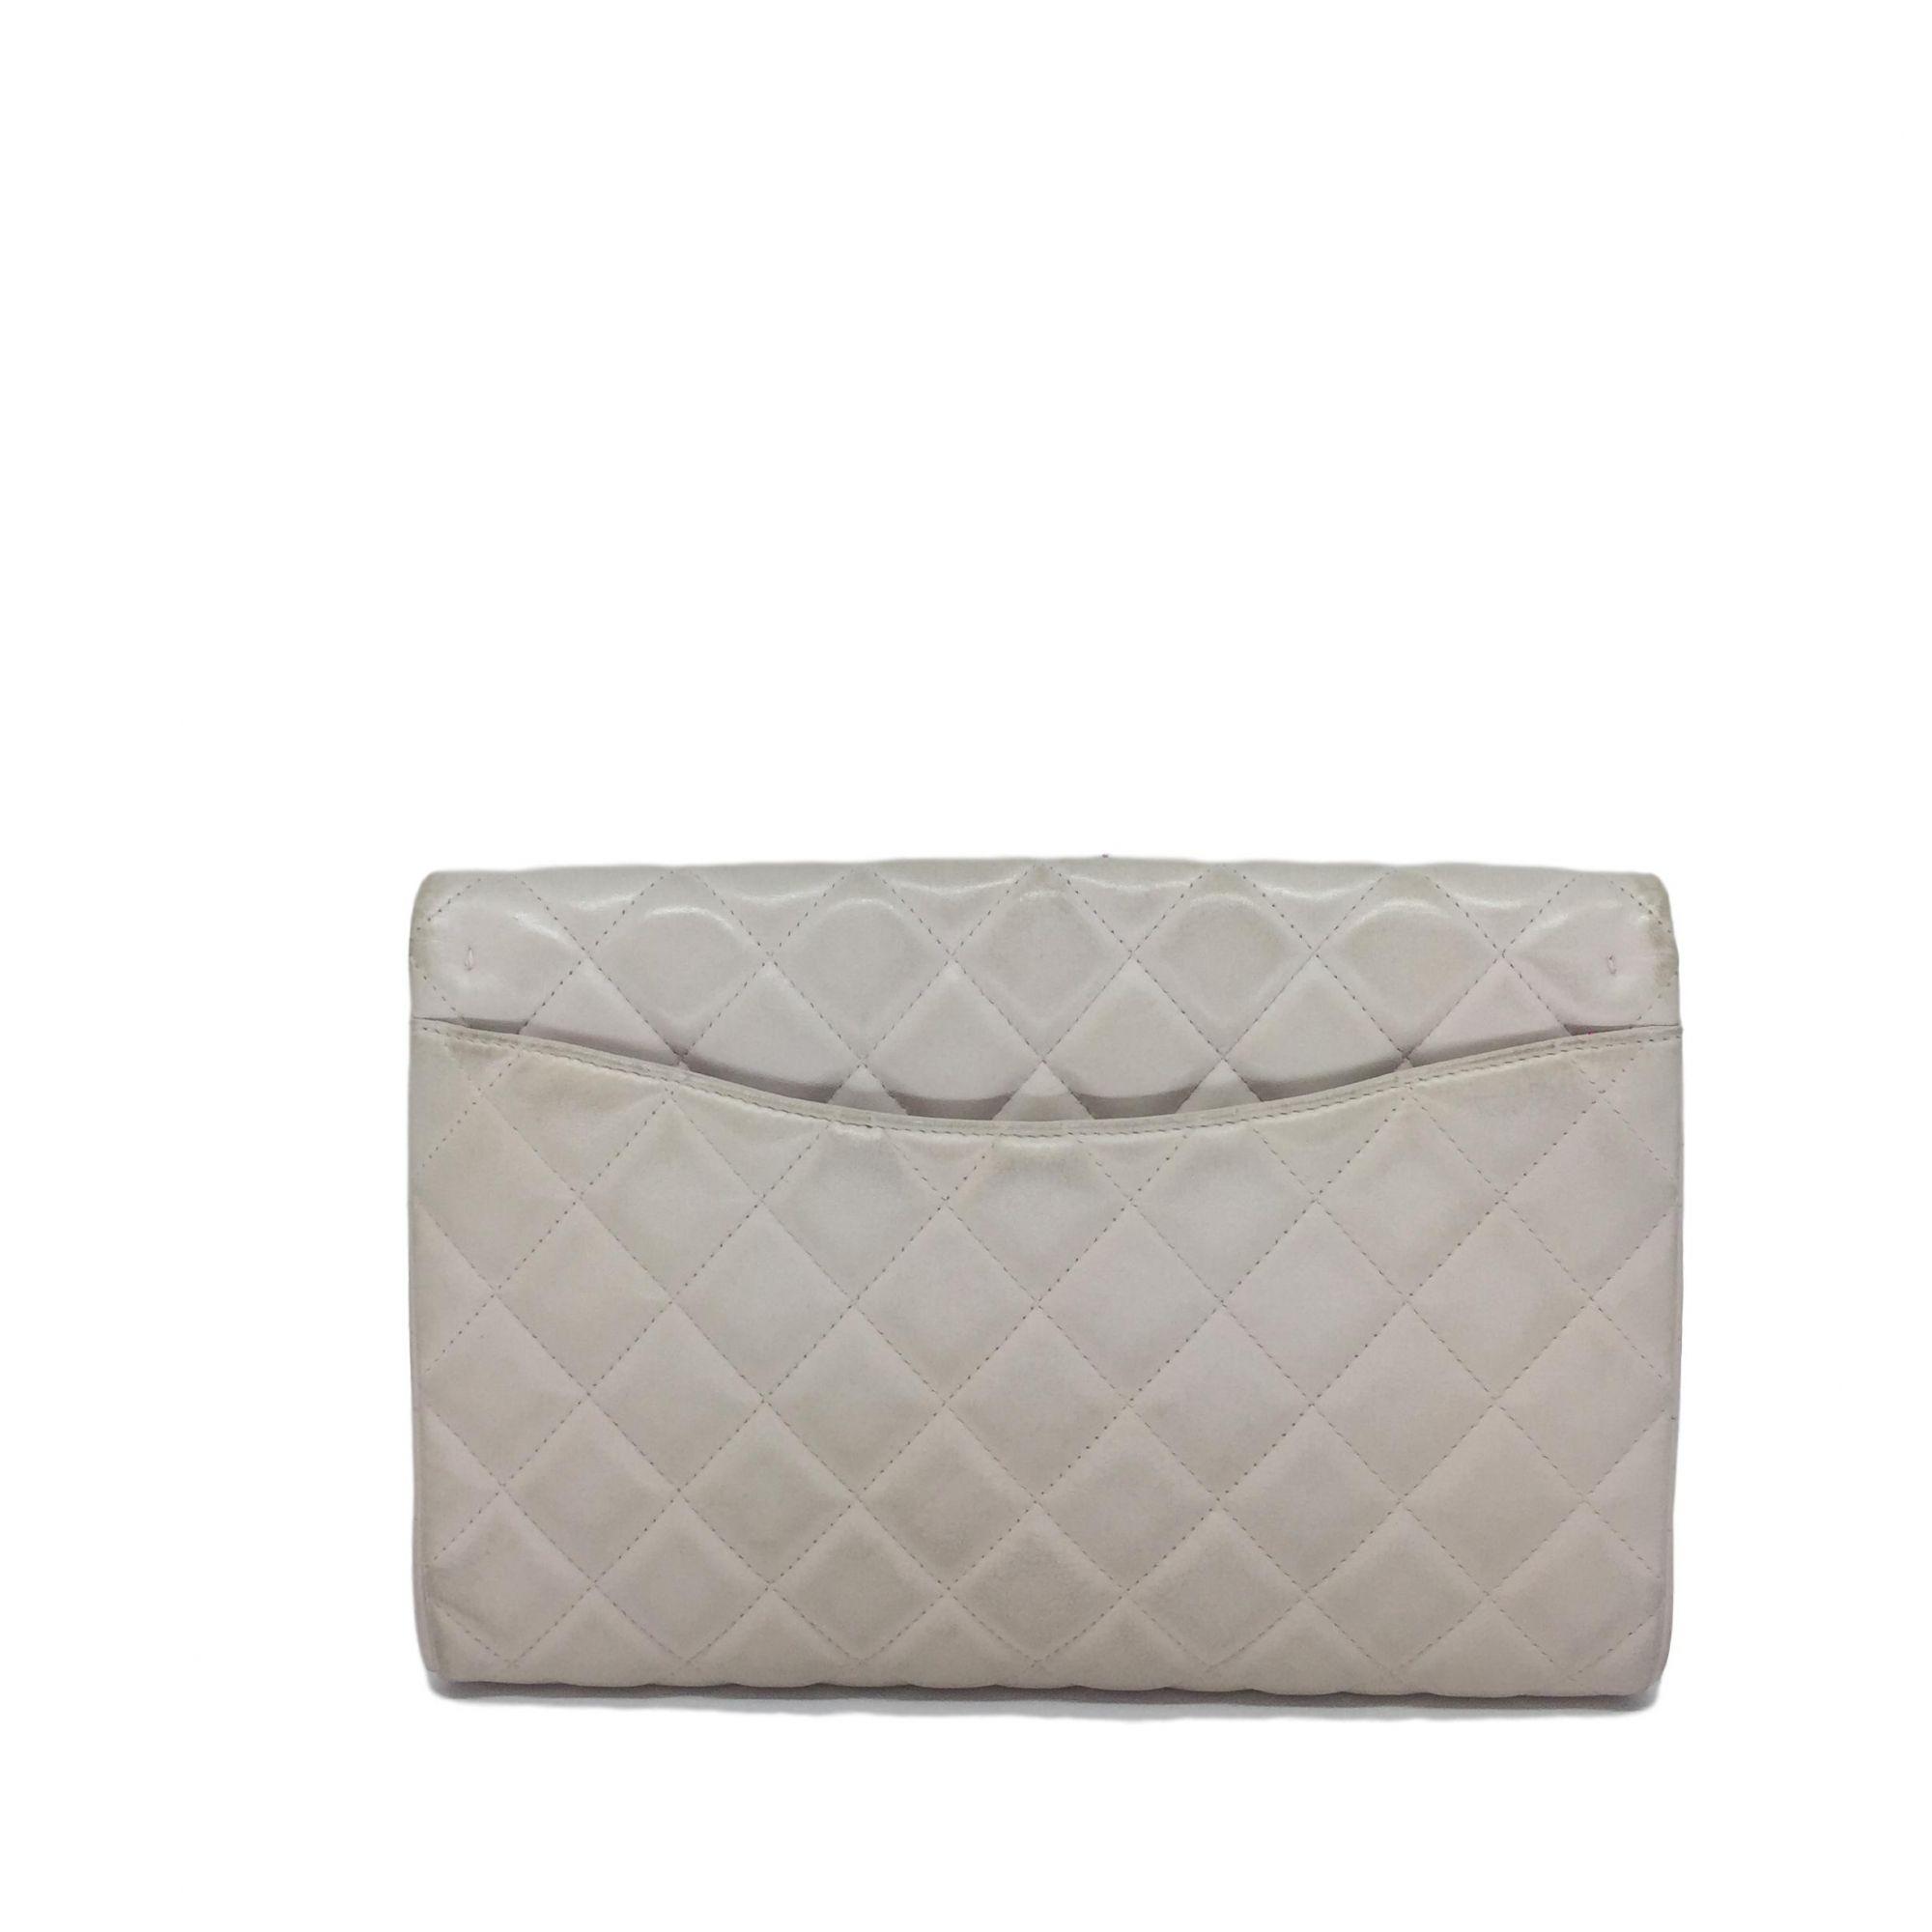 23cf42e6a Bolsa Chanel Rosé - Paula Frank | Bolsas de luxo originais, novas ...